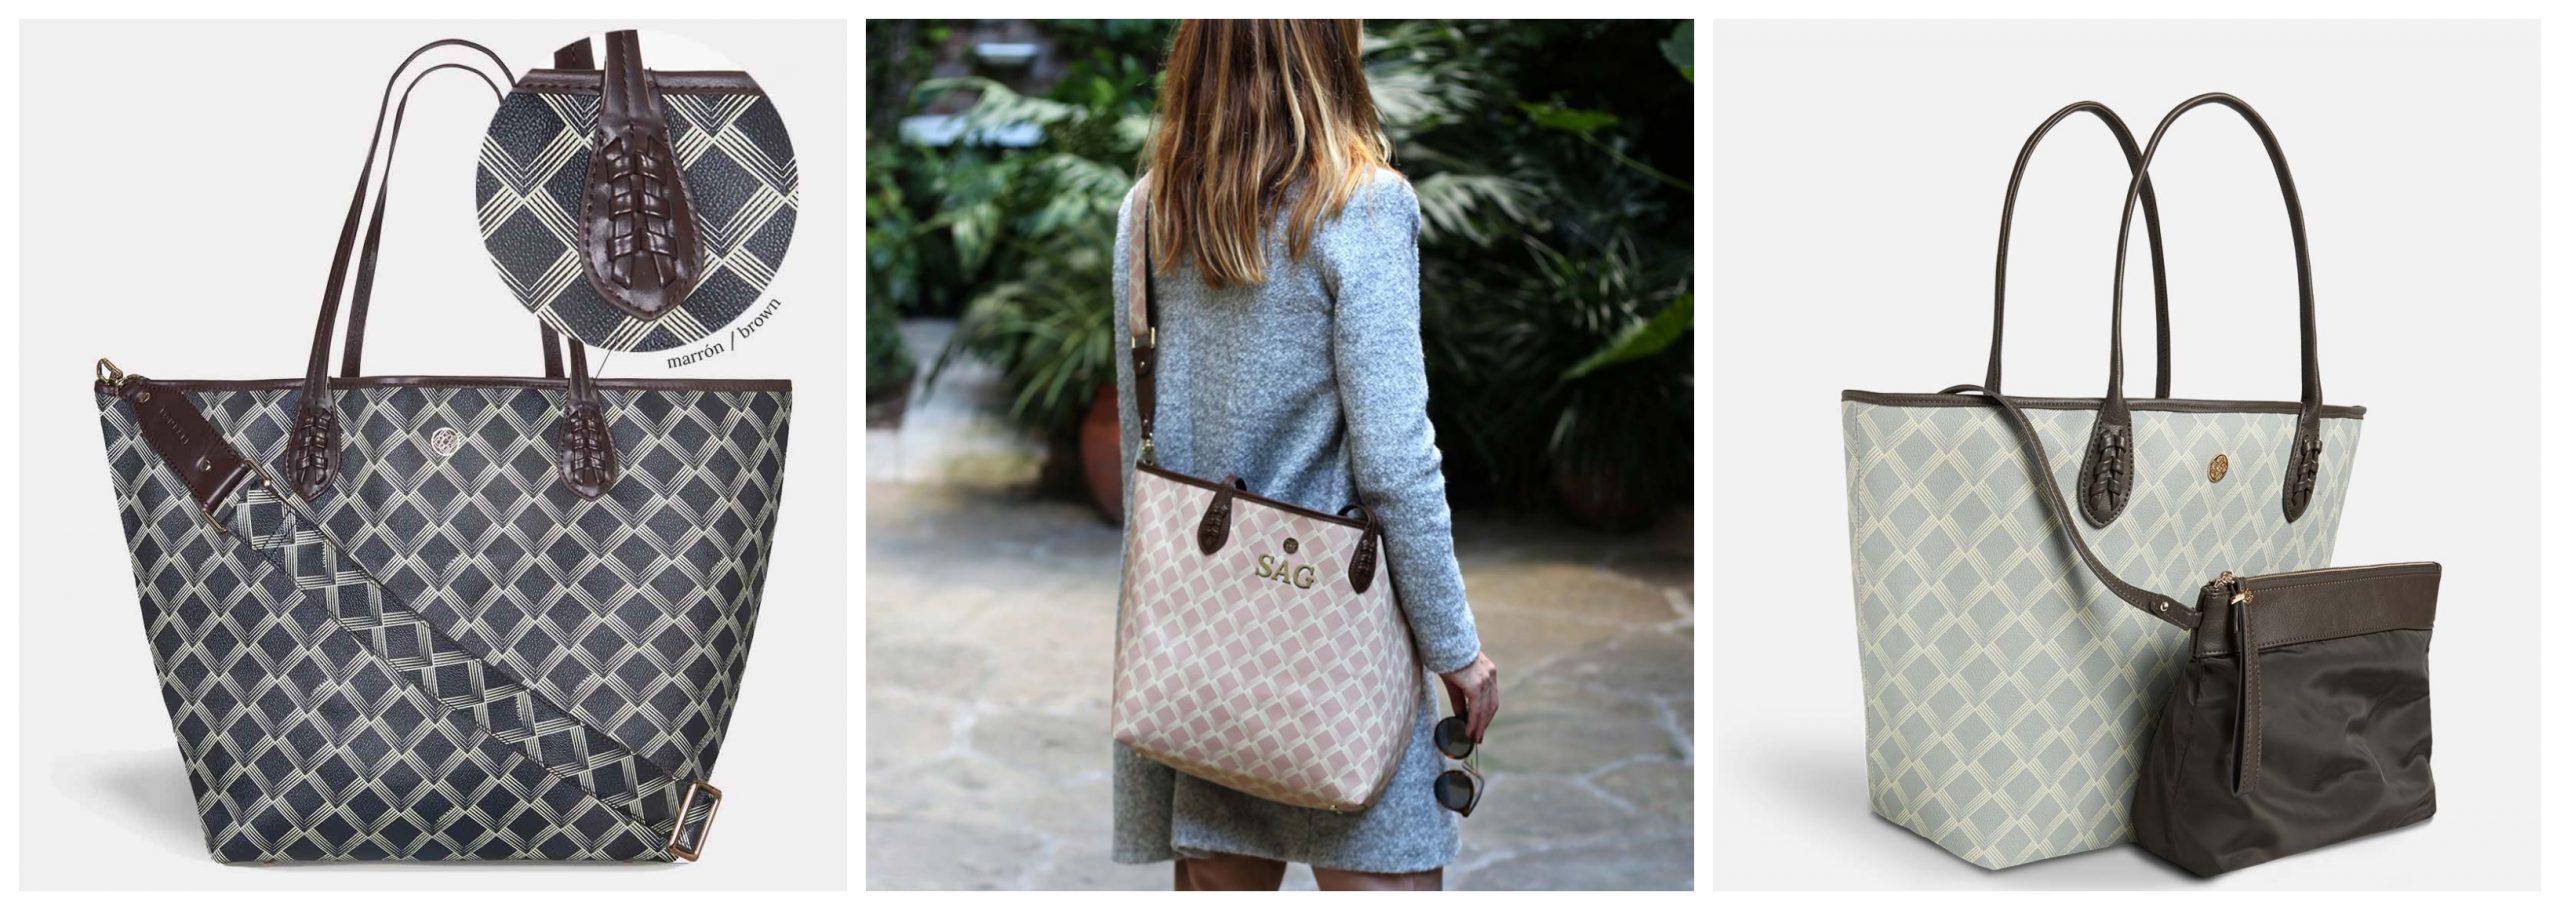 Fotografías de bolsos de la marca Lonbali.